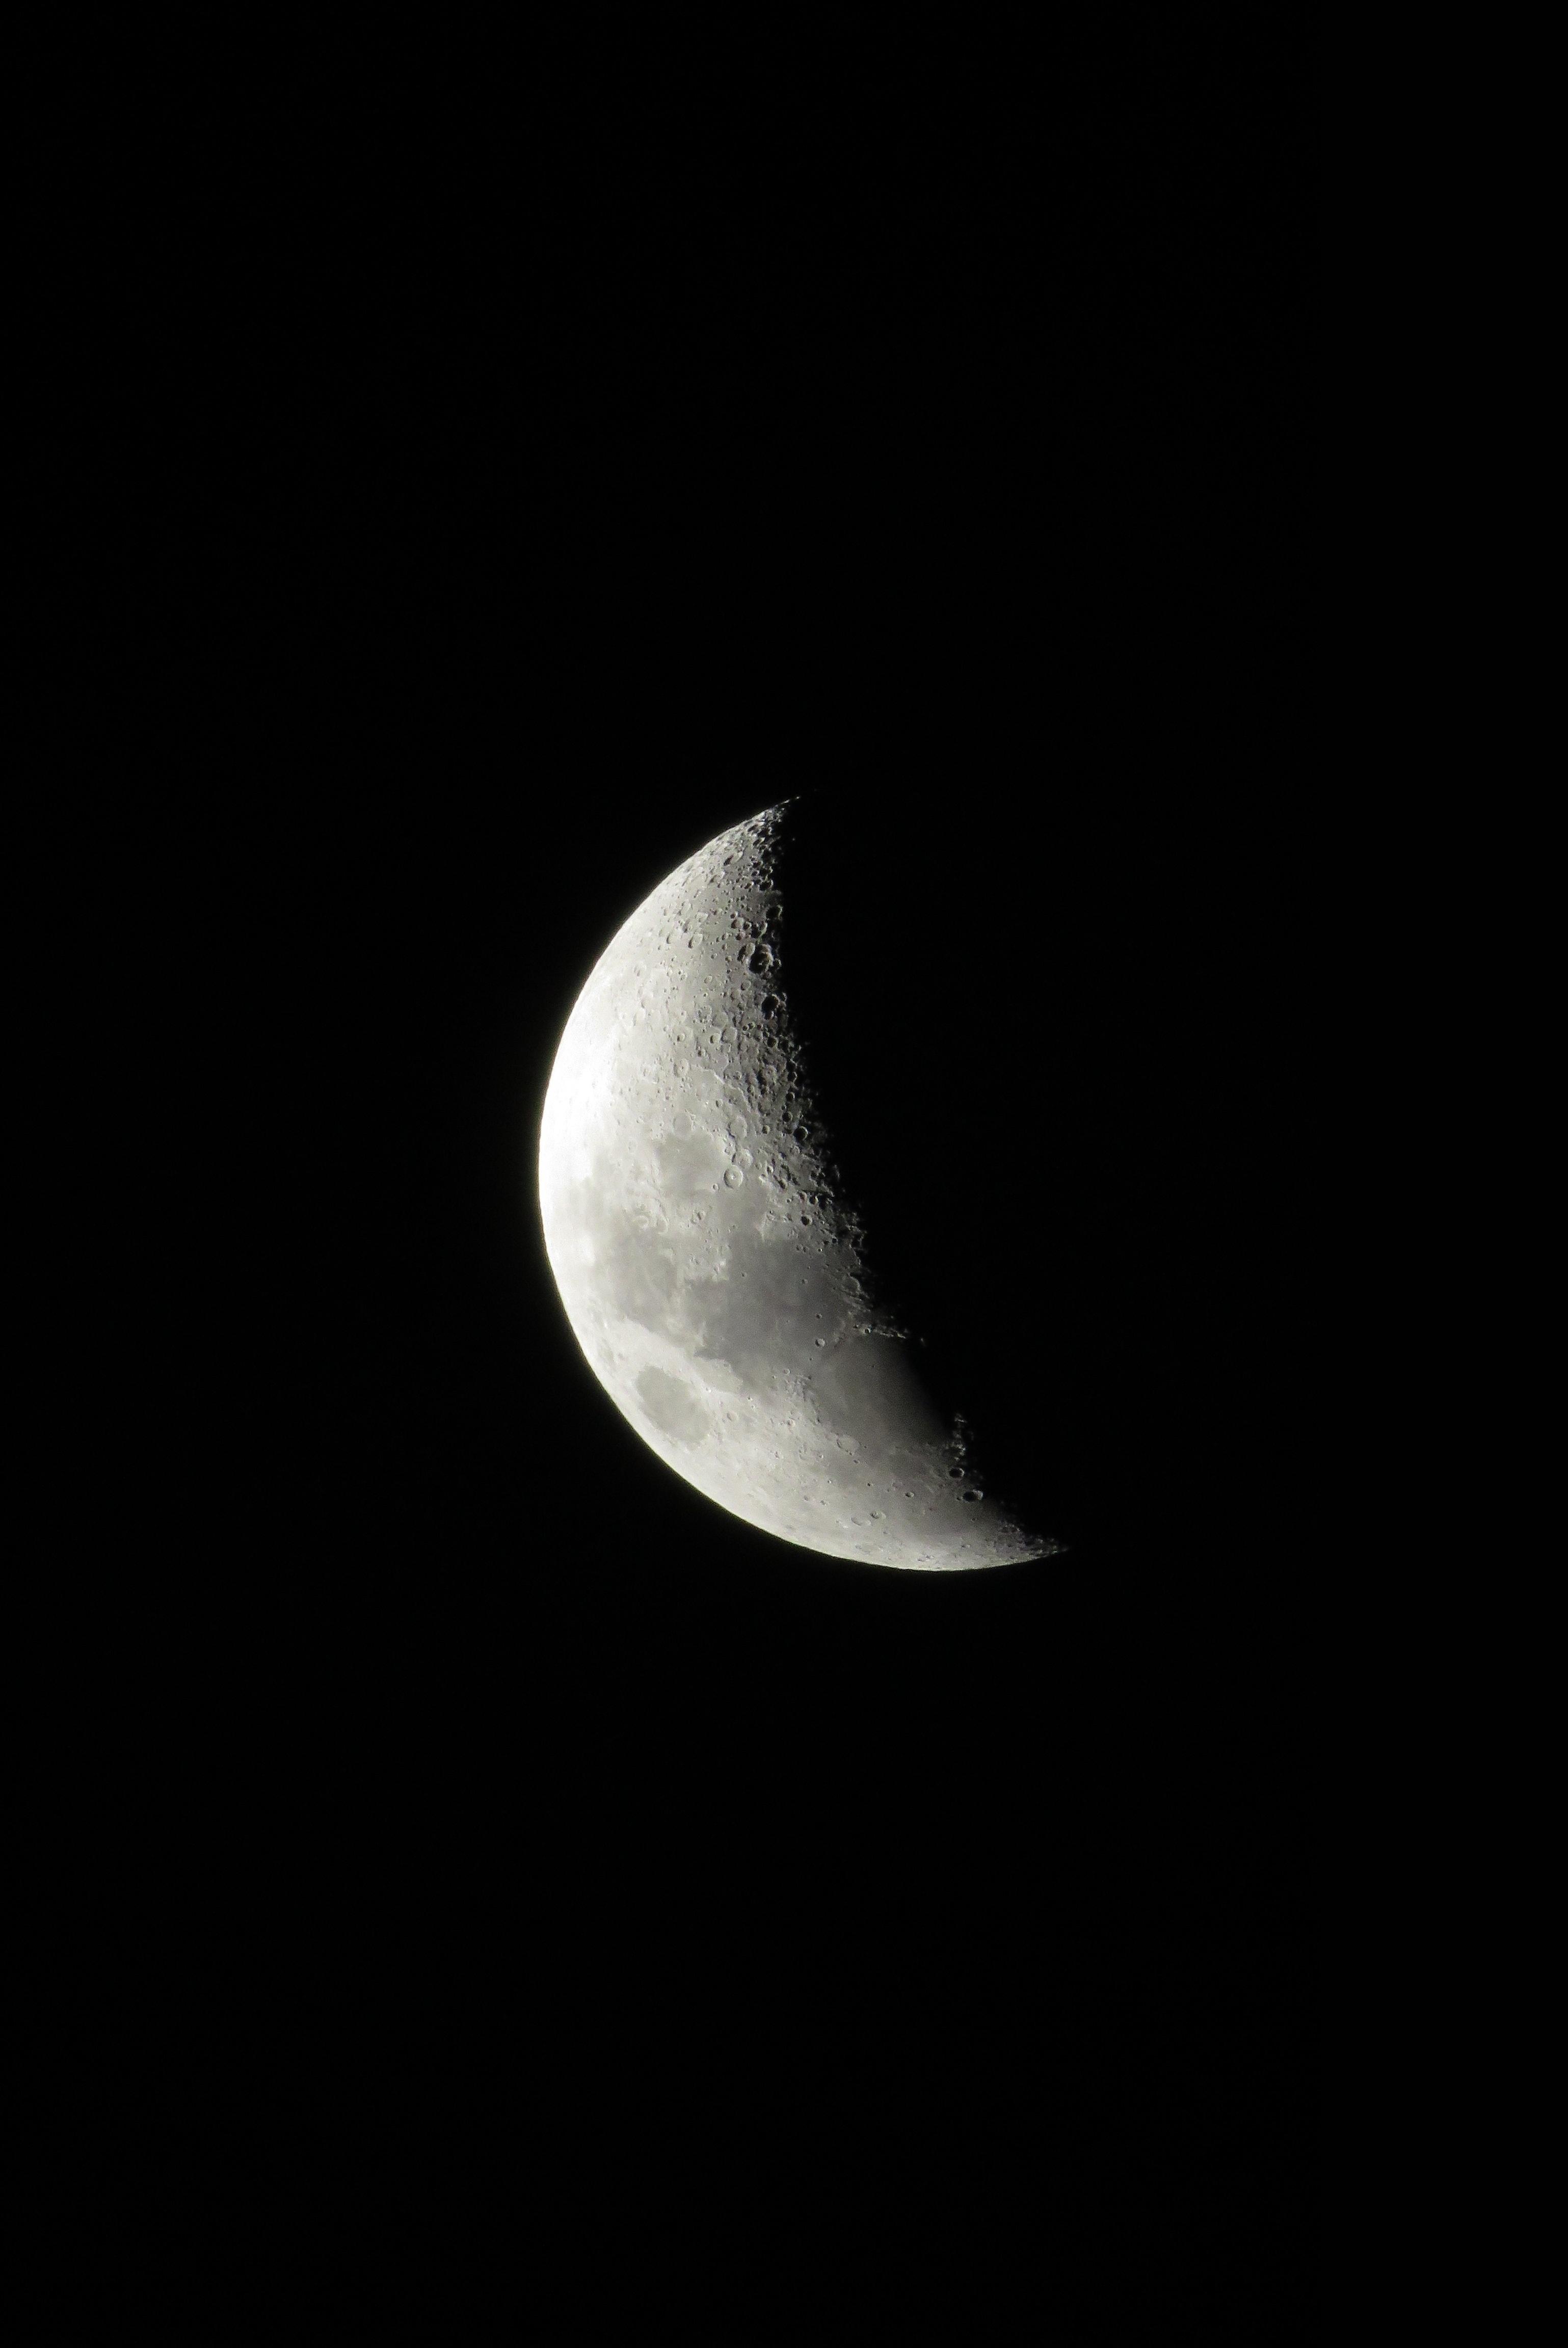 Gambar Hitam Dan Putih Malam Suasana Kegelapan Sinar Bulan